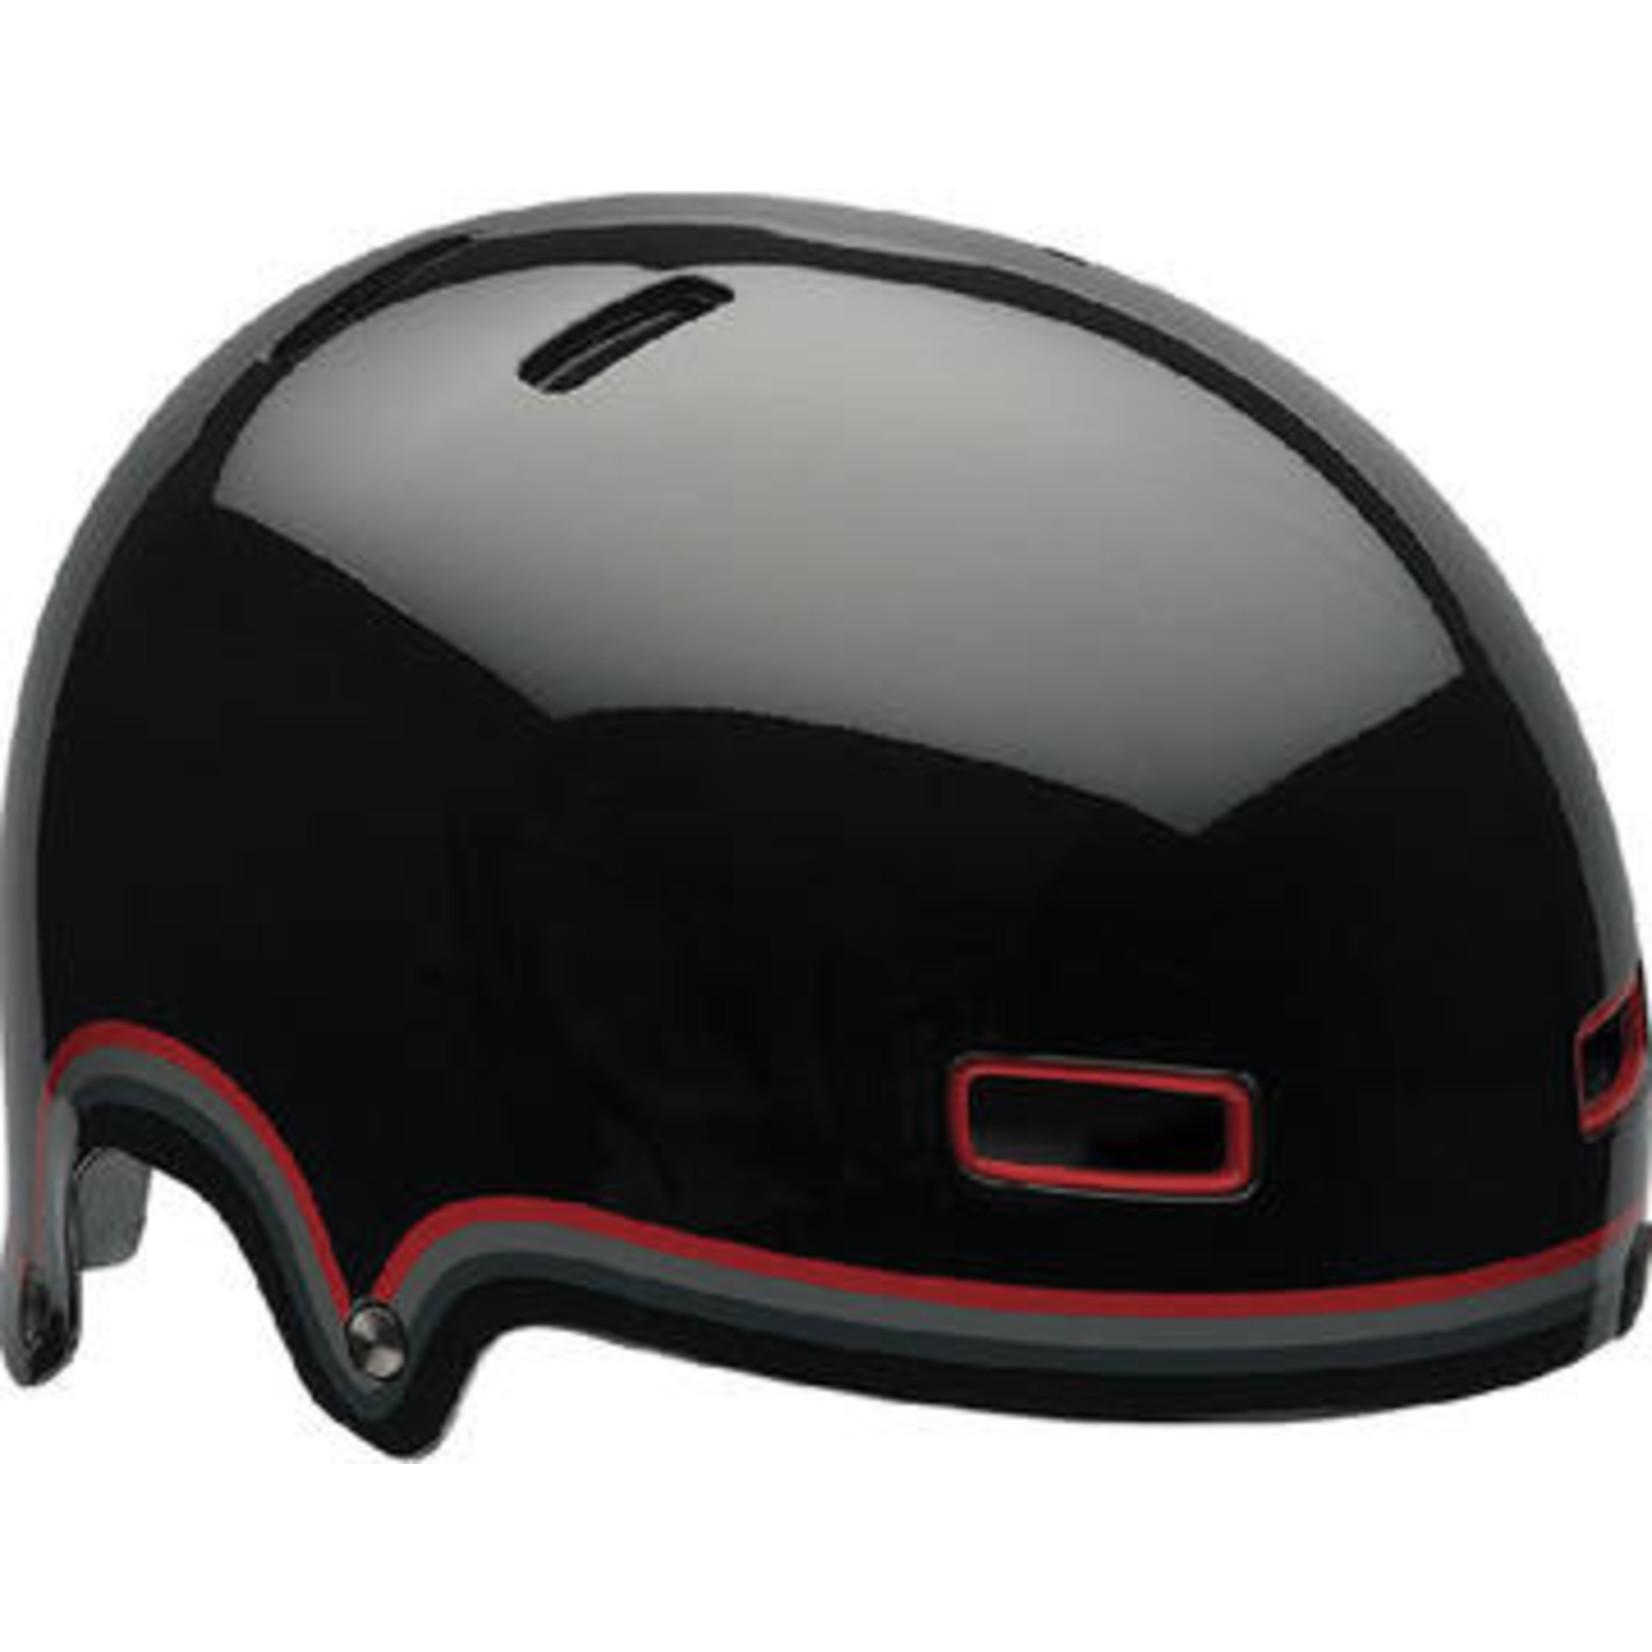 BELL Helmets - Bell - Reflex (EPP) Mat Black Large